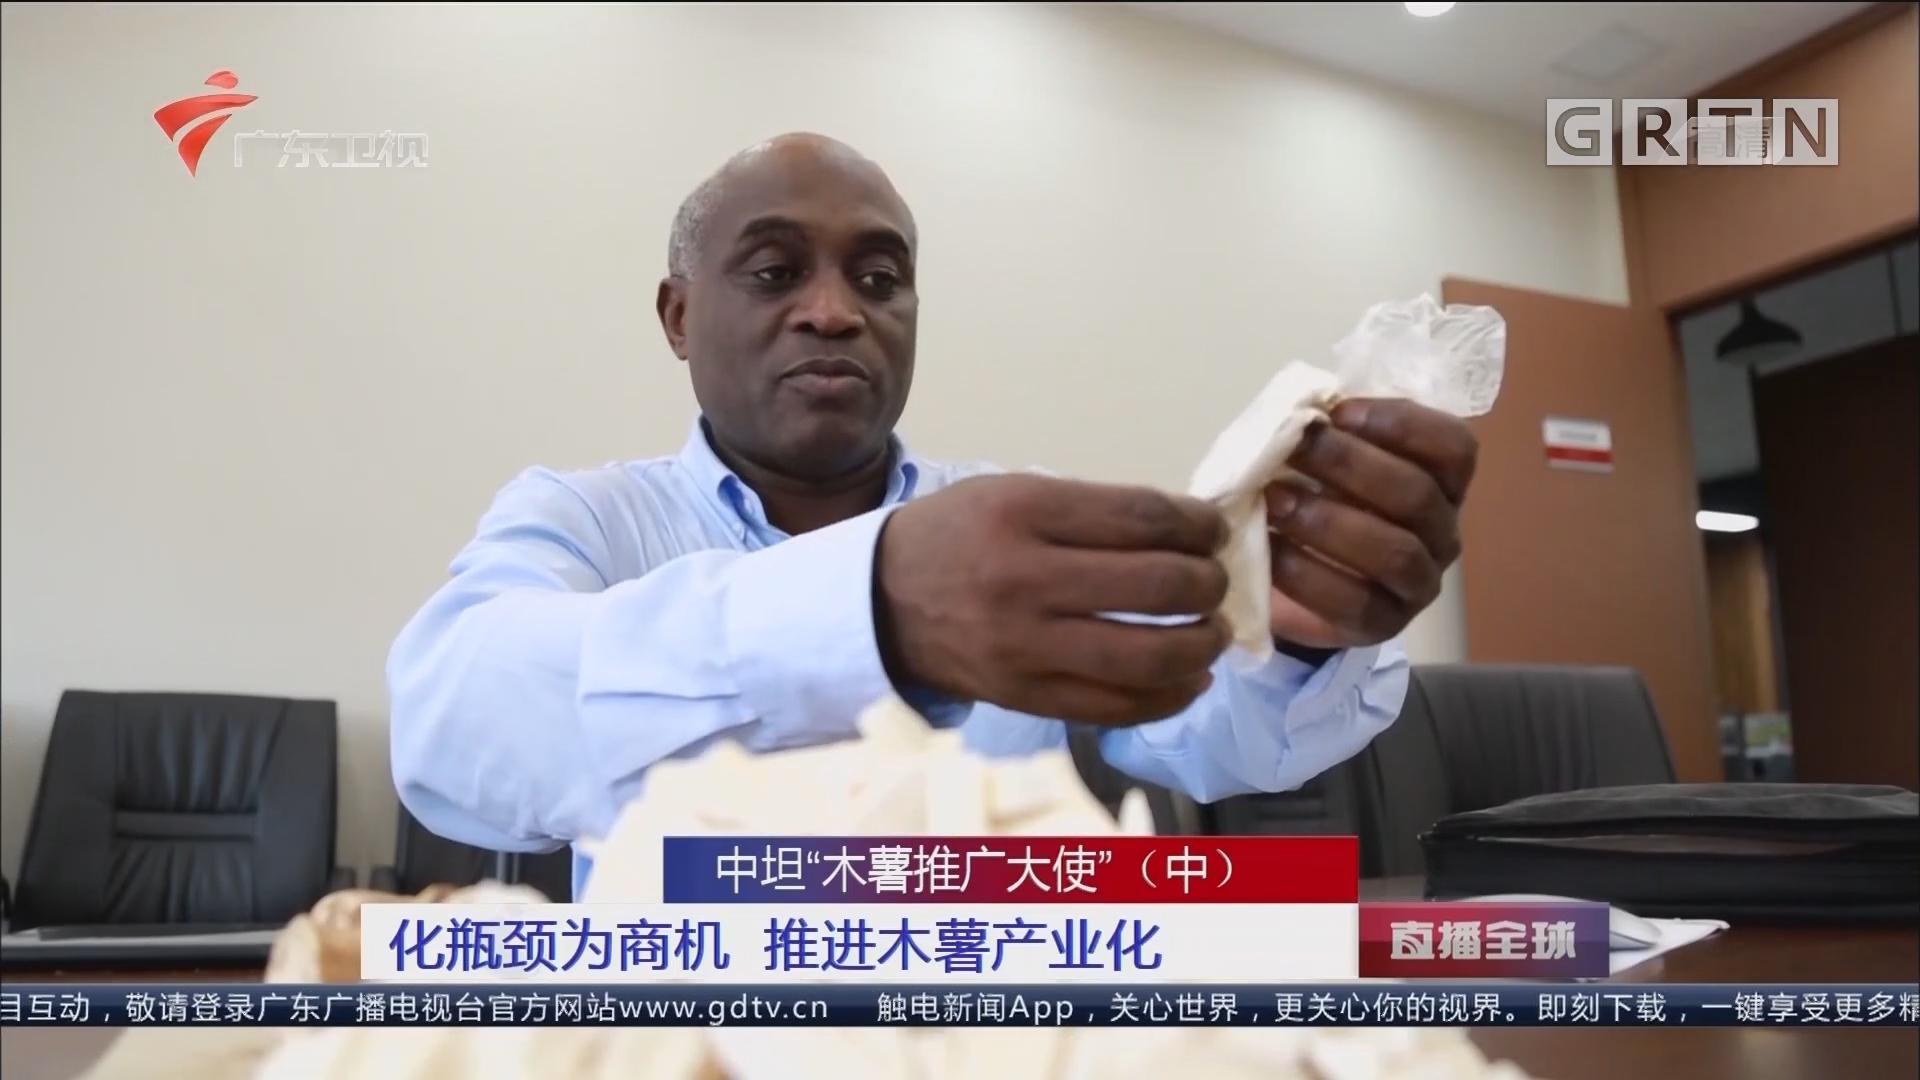 """中坦""""木薯推广大使""""(中) 化瓶颈为商机 推进木薯产业化"""